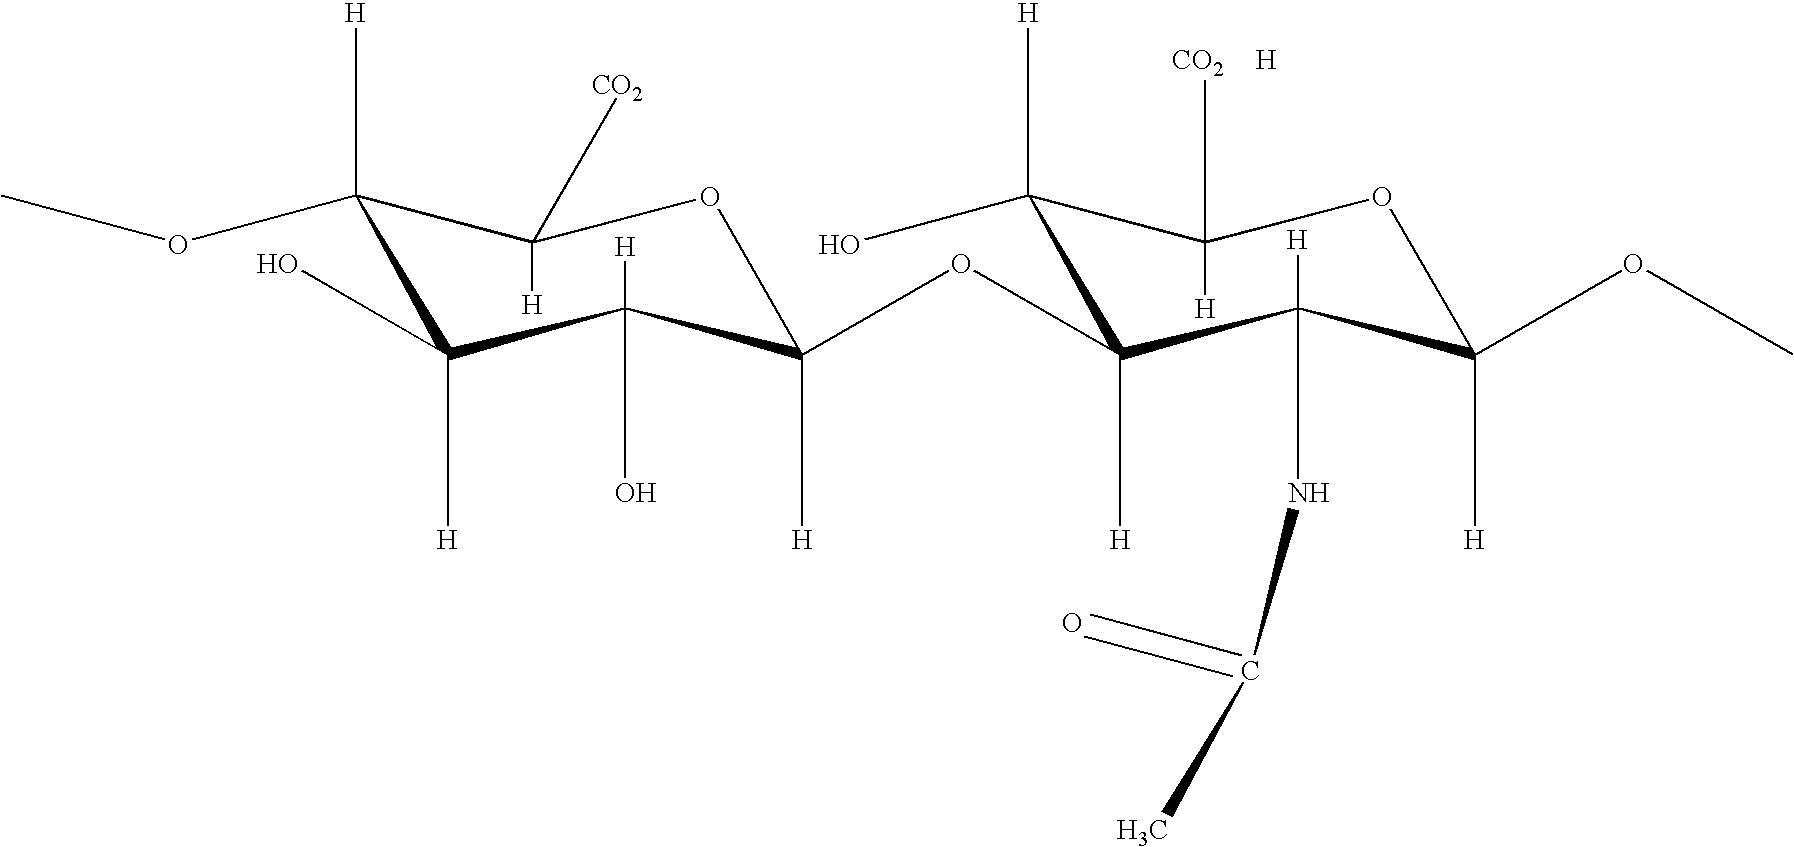 Figure US20090042834A1-20090212-C00001